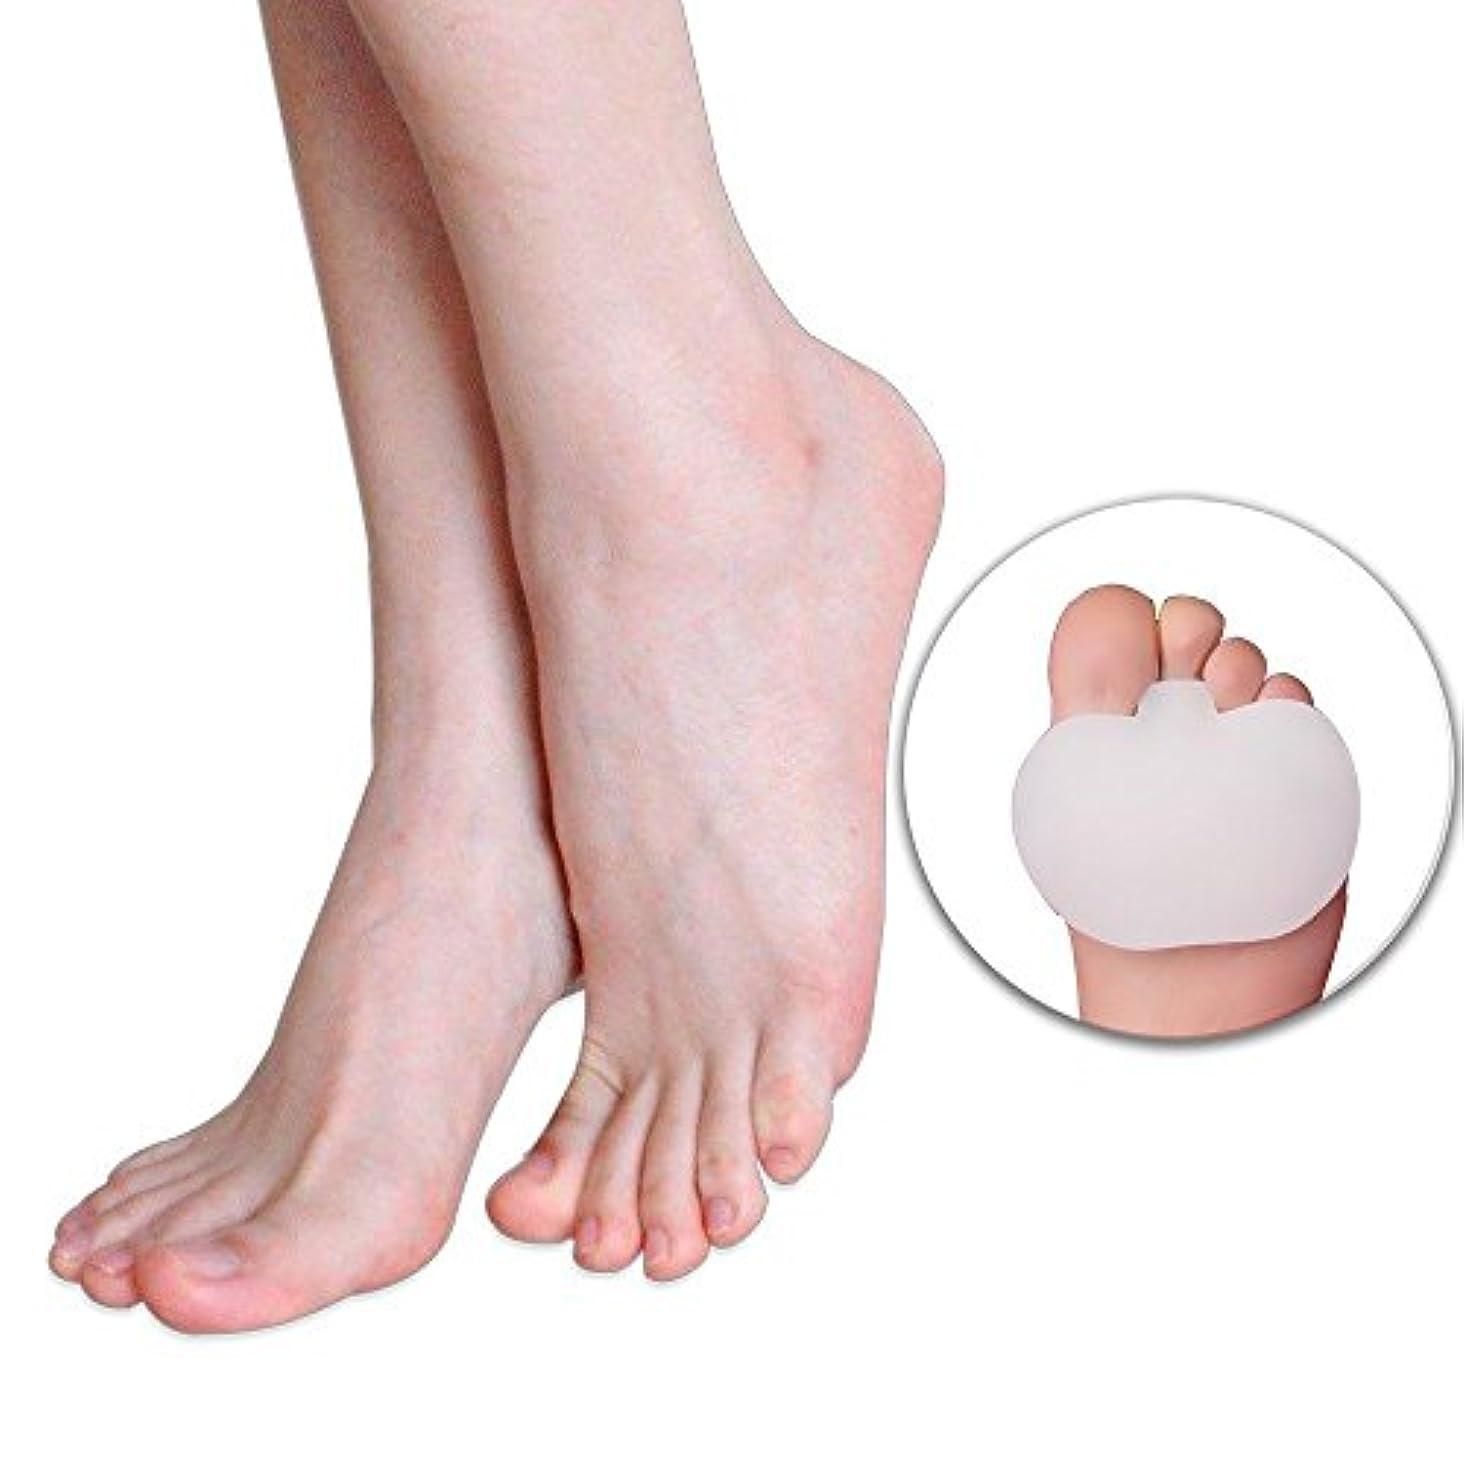 車両ウェブ曲フットマッサージ 前足パット足のケア、ゲルソックス、つま先、シリコン、外反母趾矯正、ゲル中足骨パッド、足クッションのボール、前足のケア、痛みの足の痛み、外反、外反母趾